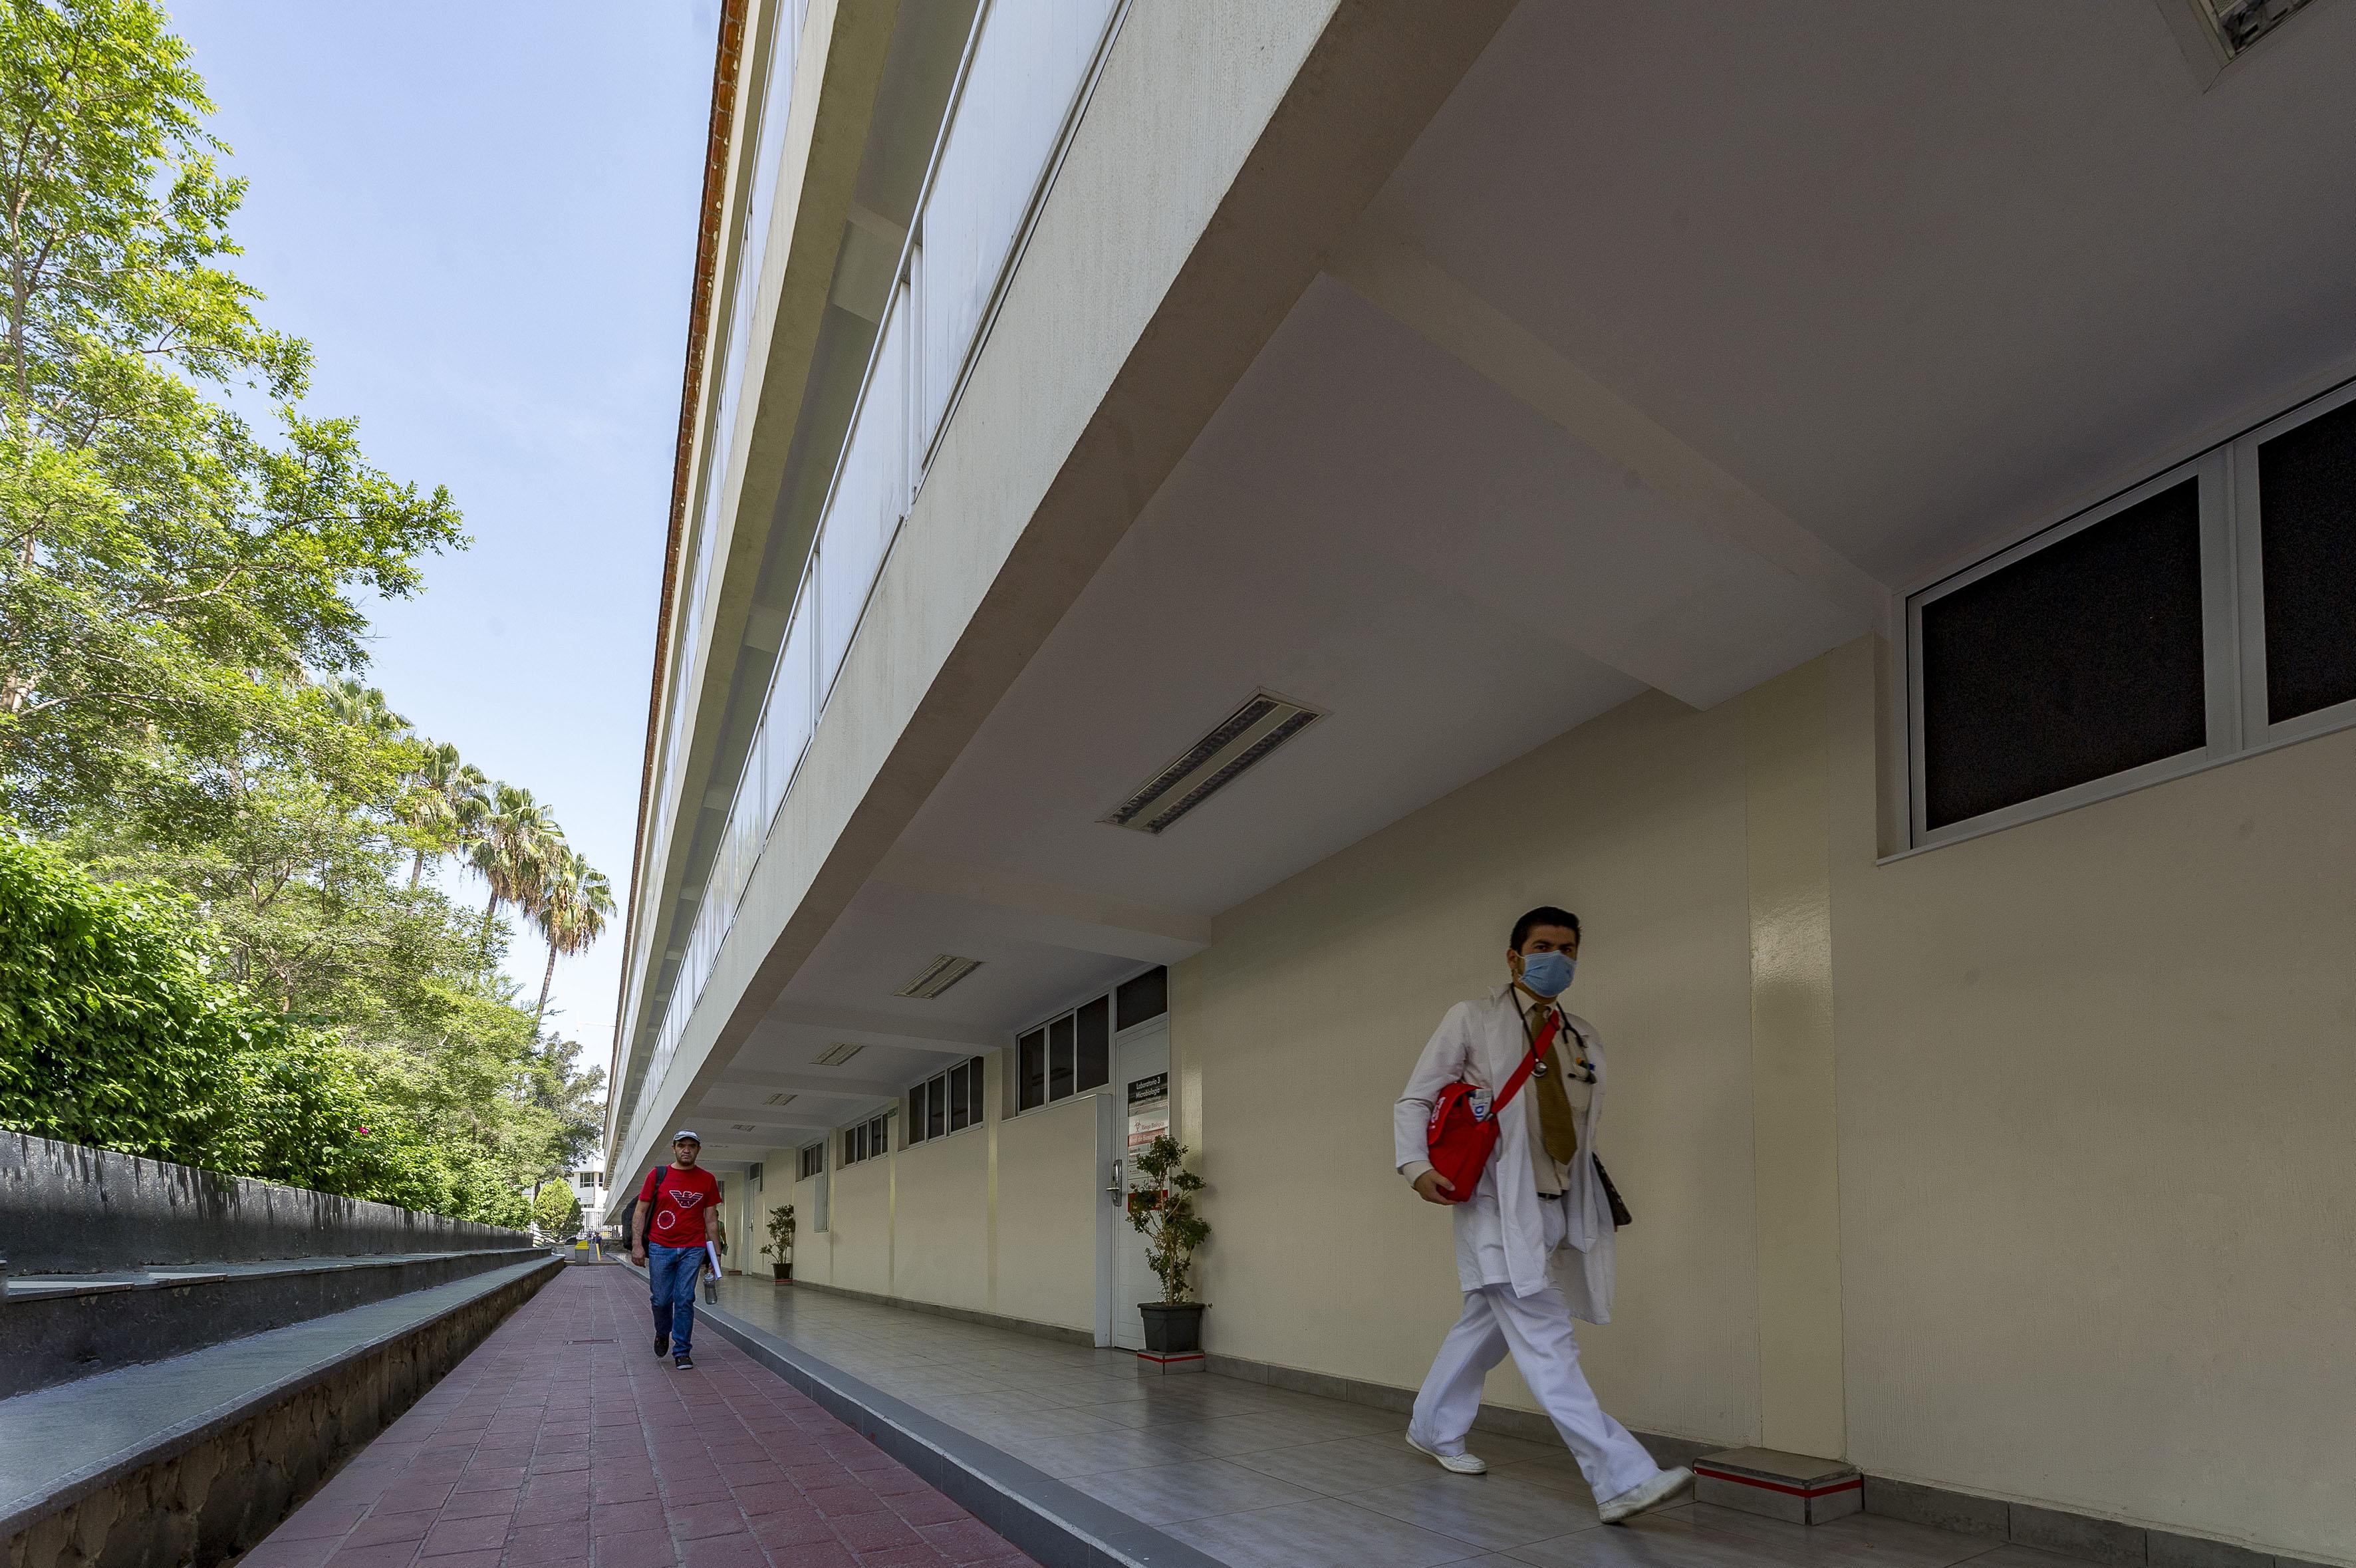 Estudiante caminando por los pasillos delCentro Universitario de Ciencias de la Salud (CUCS)